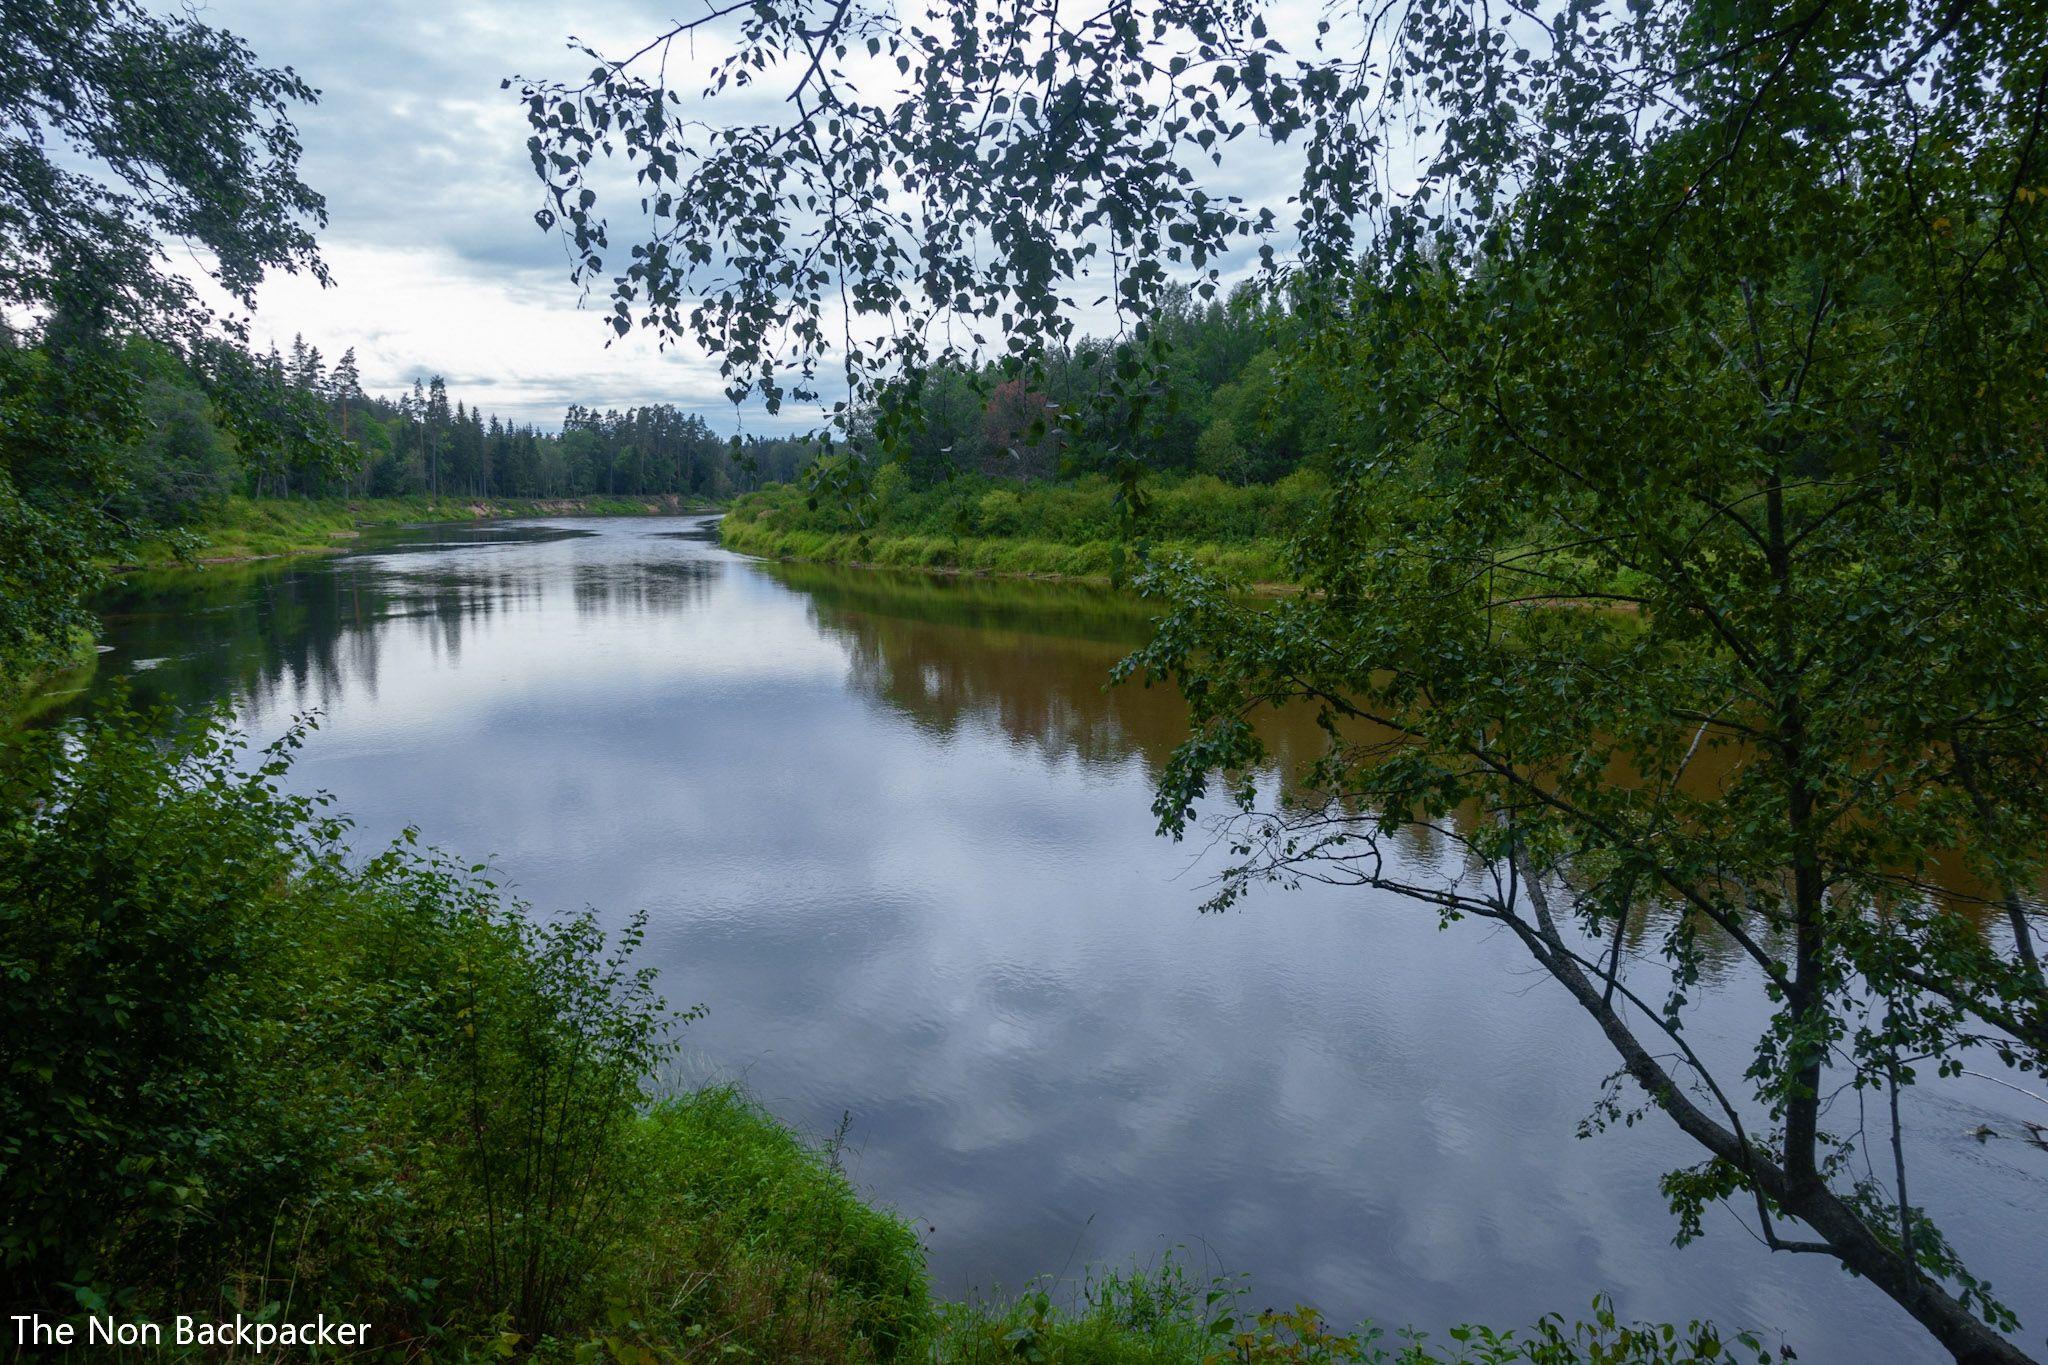 The Cirulisi Nature Trail River